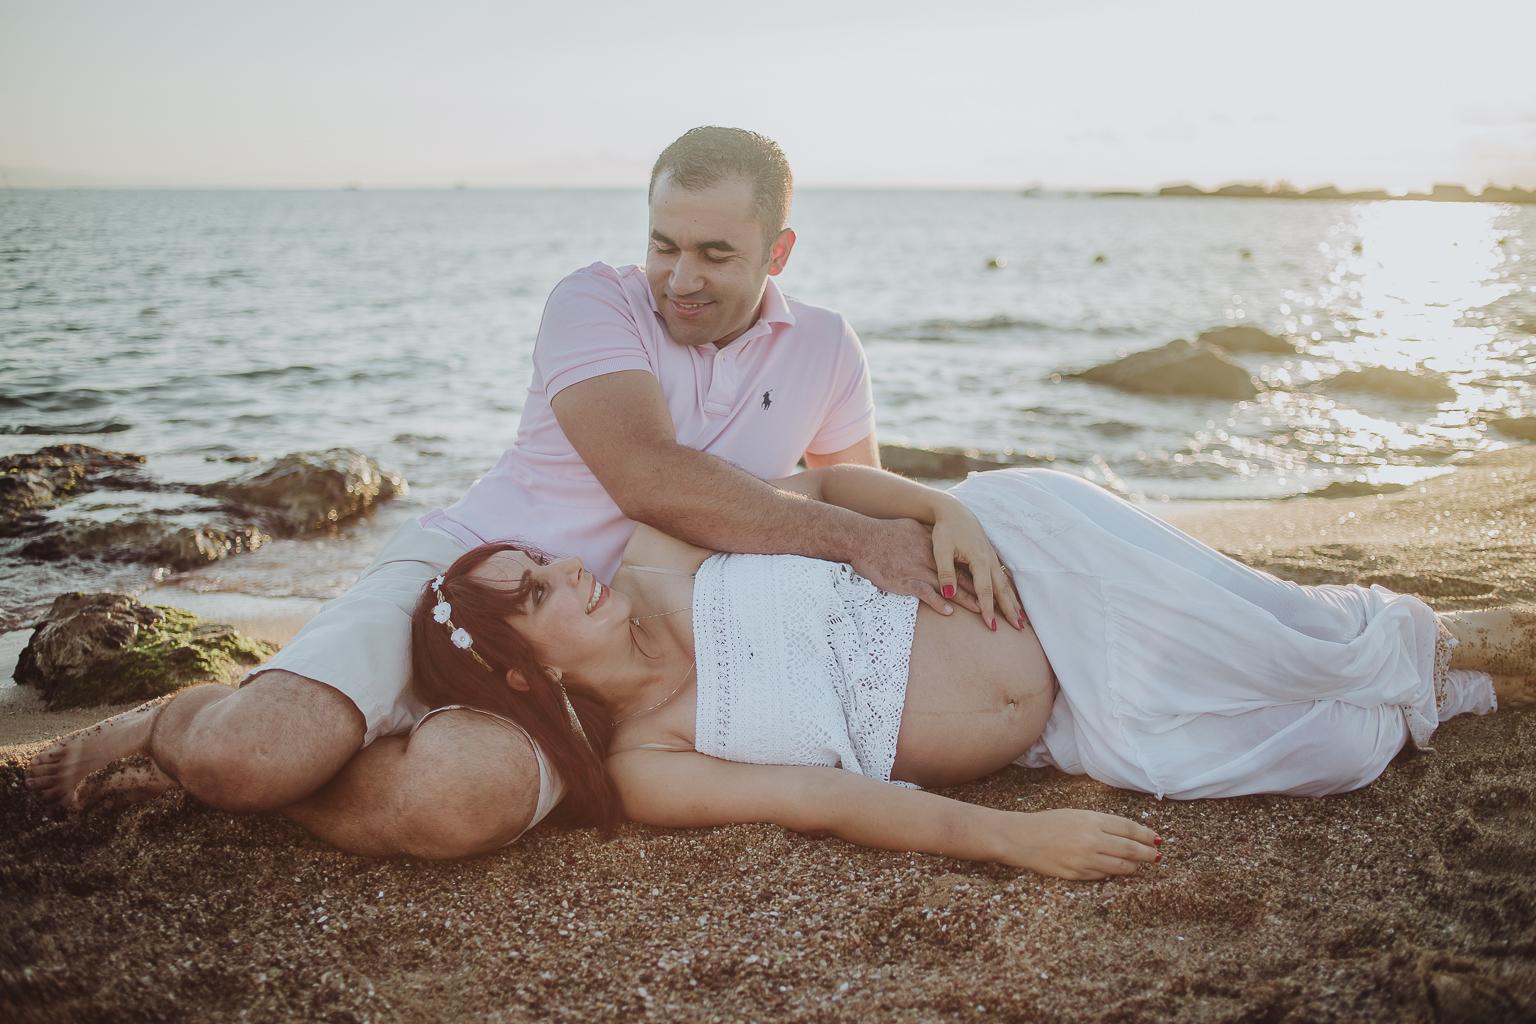 fotógrafo embarazo barcelona :: fotografía embarazada barcelona :: fotógrafo amanecer embarazo :: barceloneta